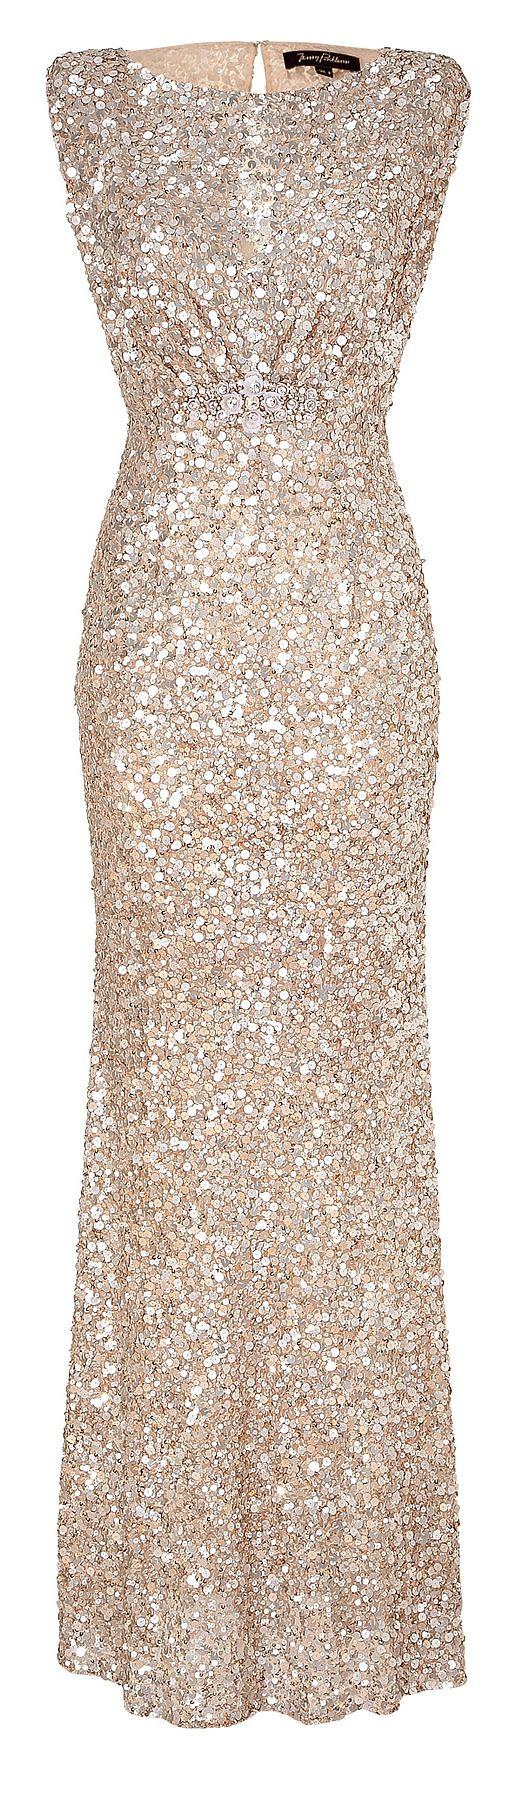 Jenny packham soft gold sleeveless sequin dress boda pinterest